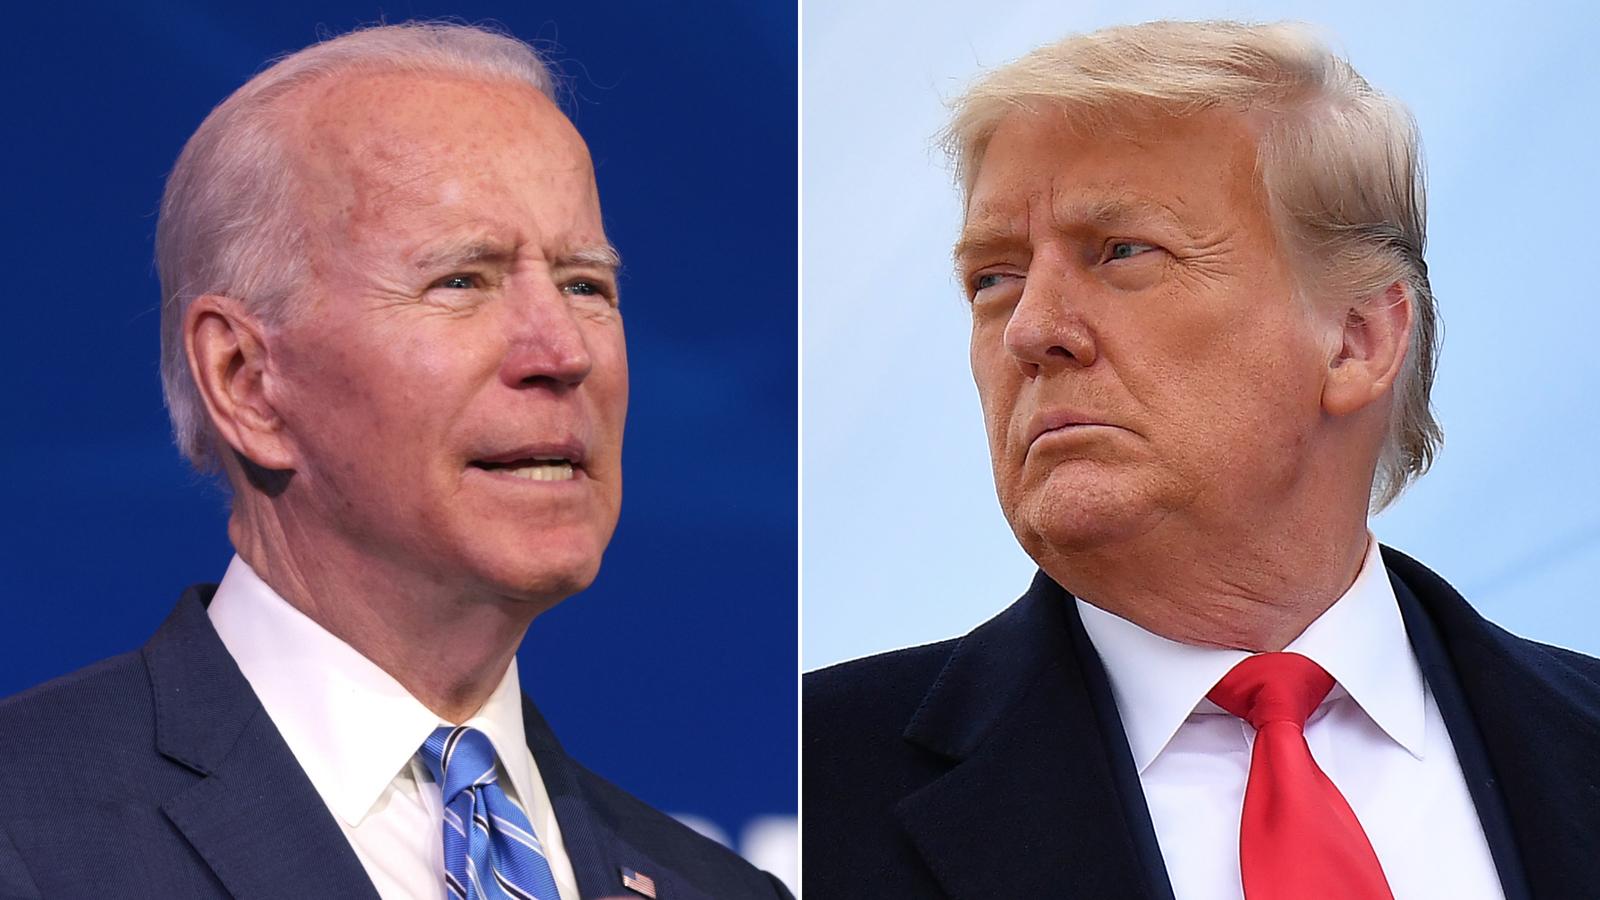 Trump is handing Biden a booming stock market